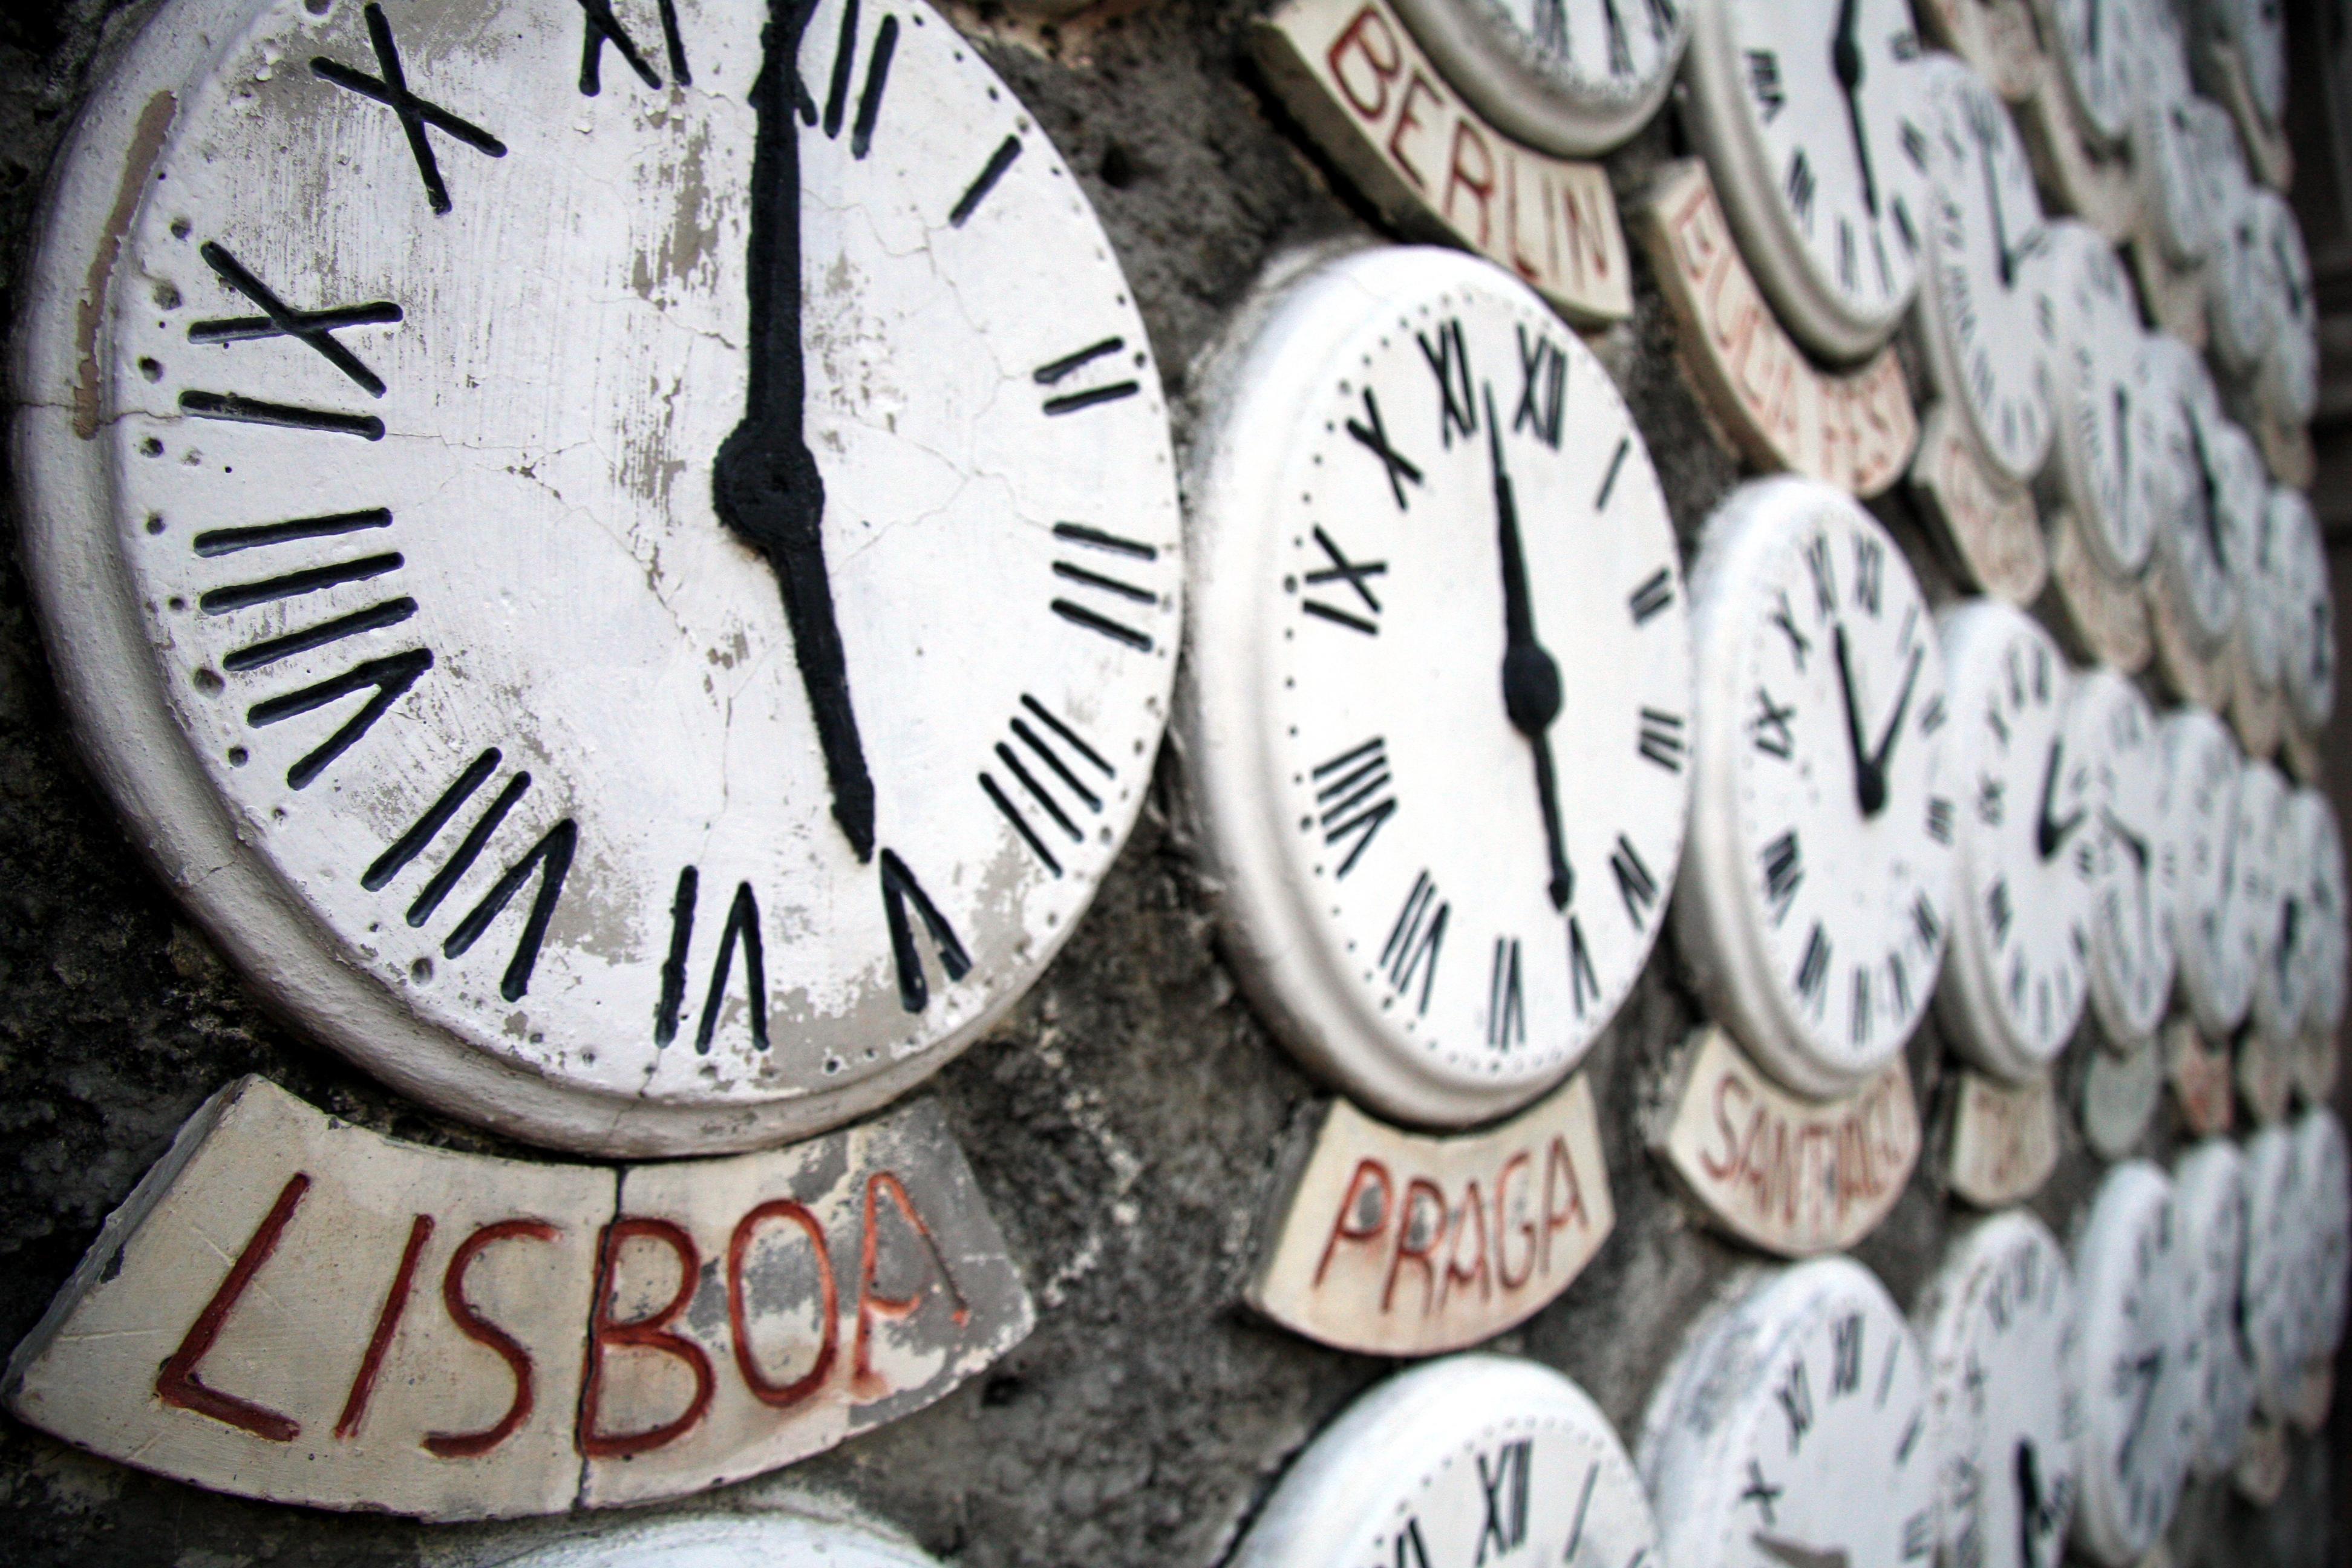 1086909 72490247 - Čas, Co je to čas a proč existuje čas